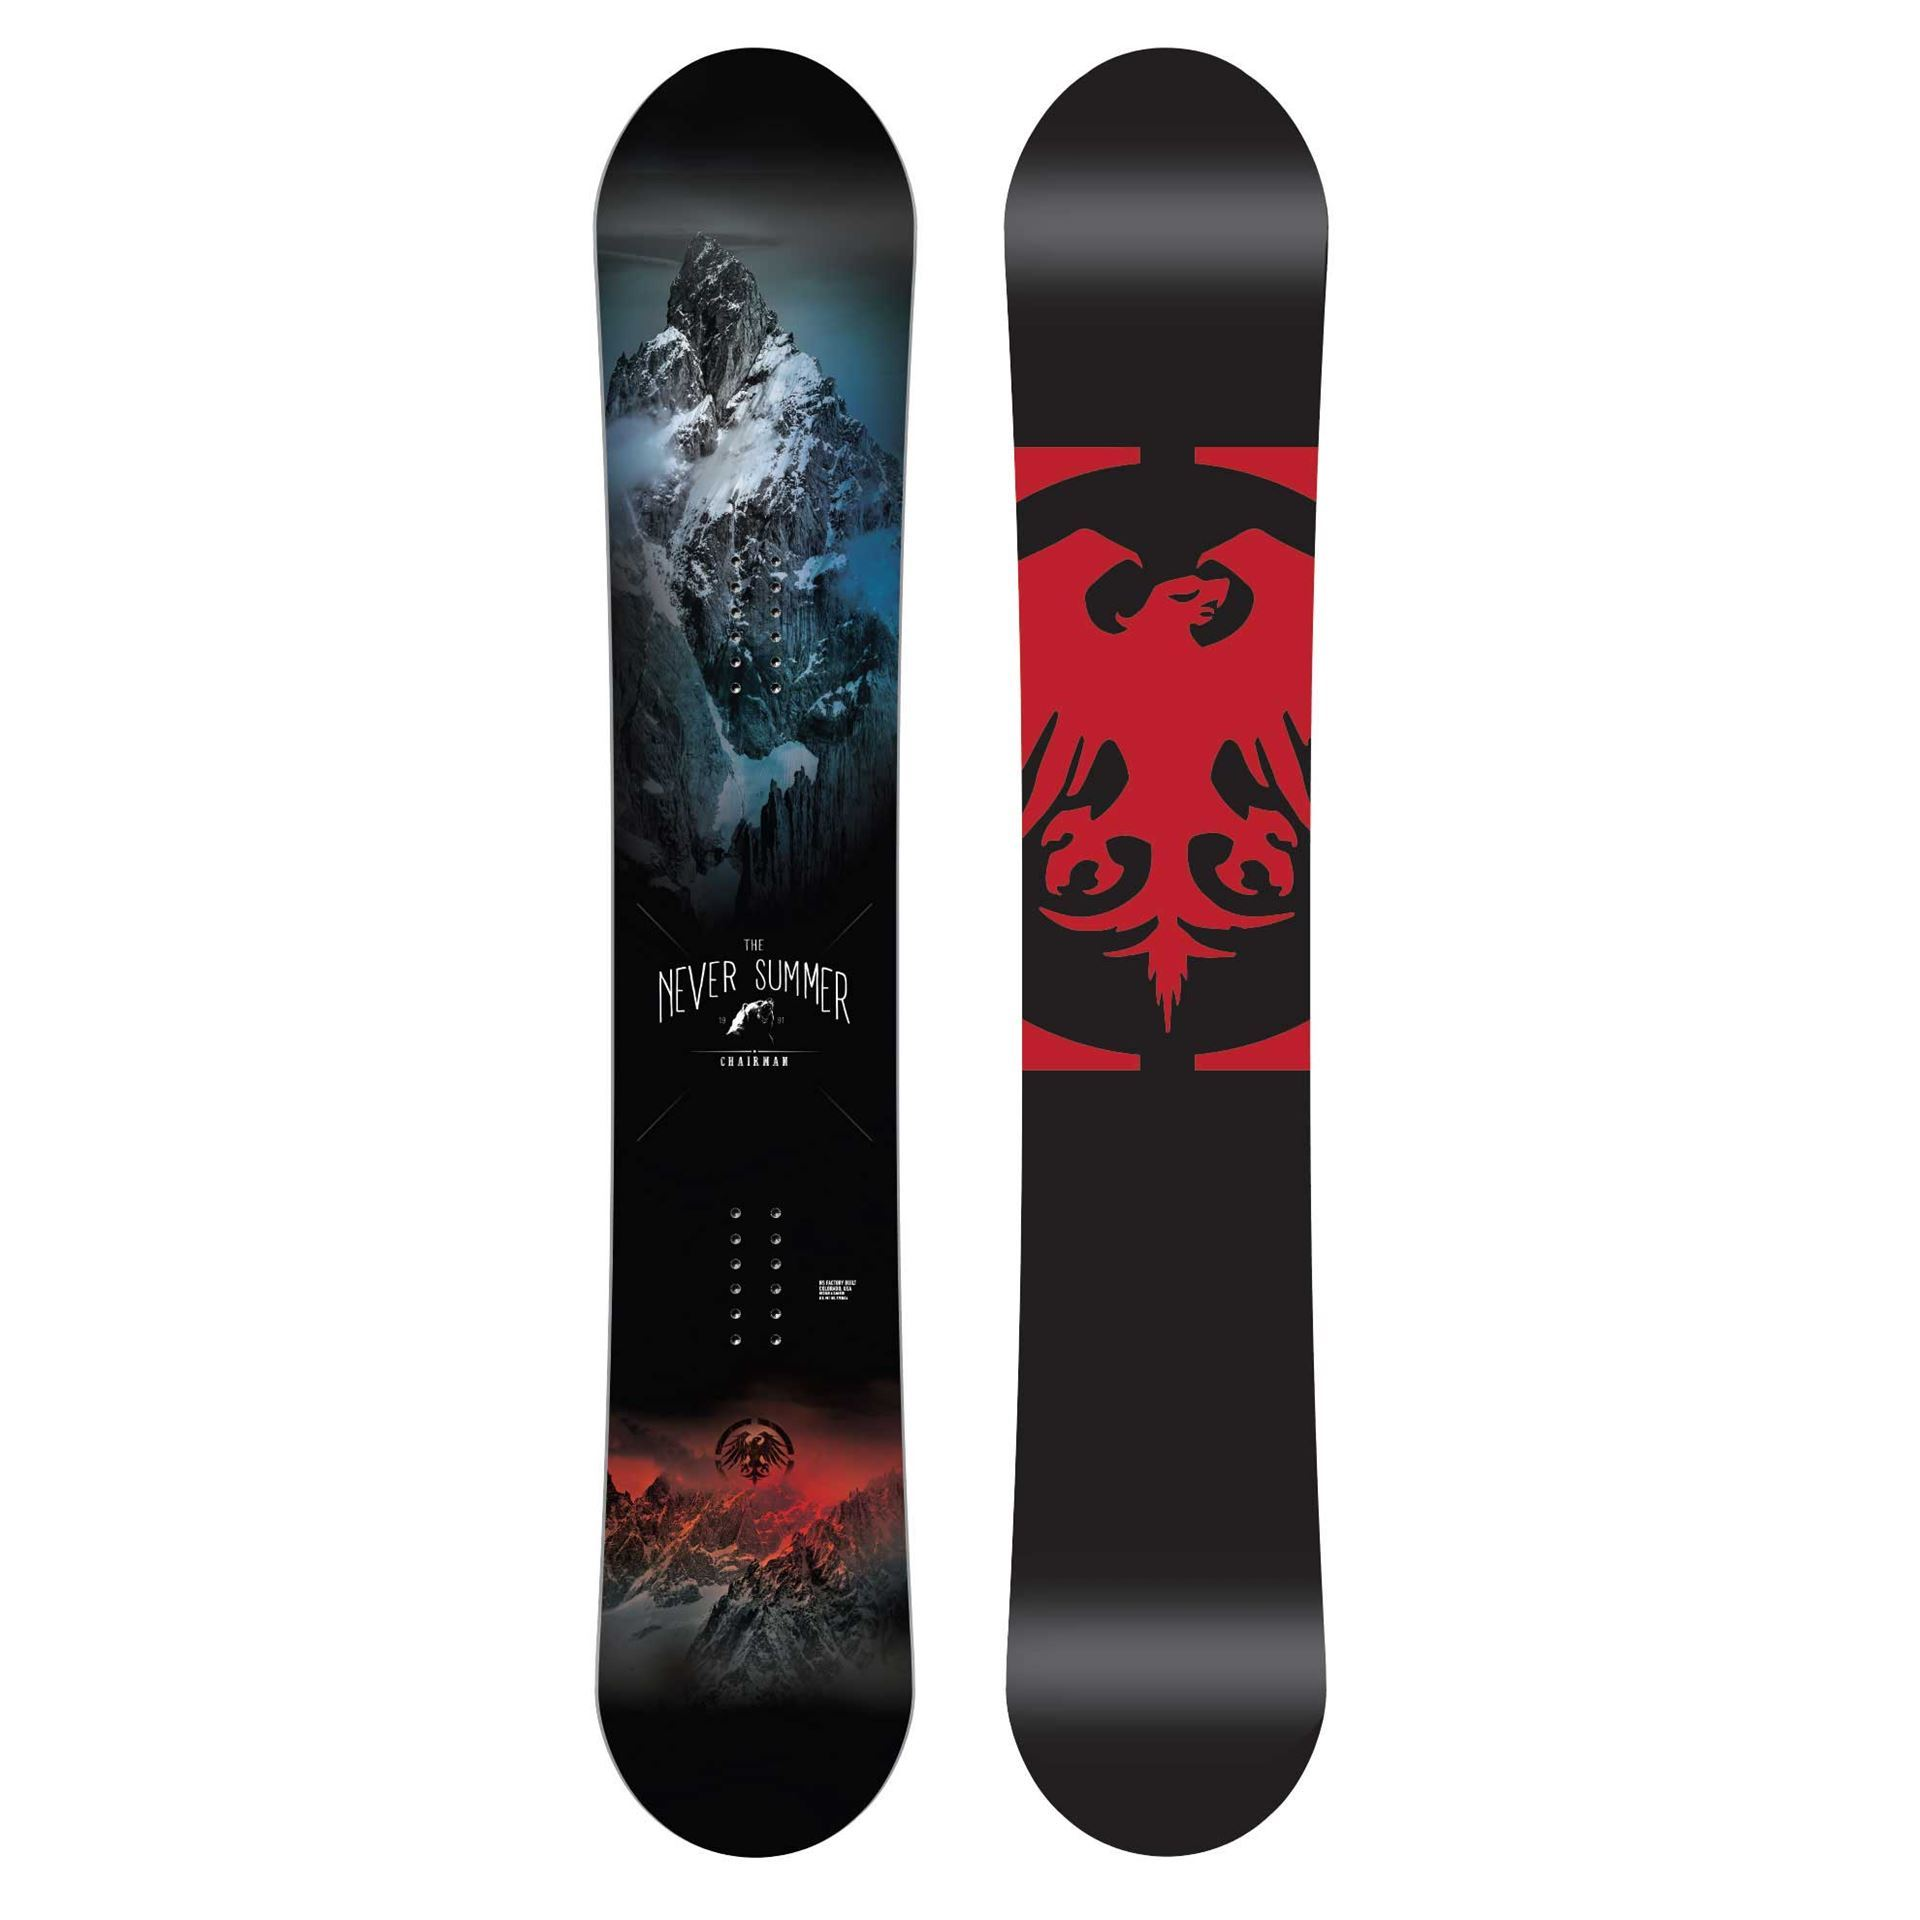 Never Summer Chairman Snowboard 2019